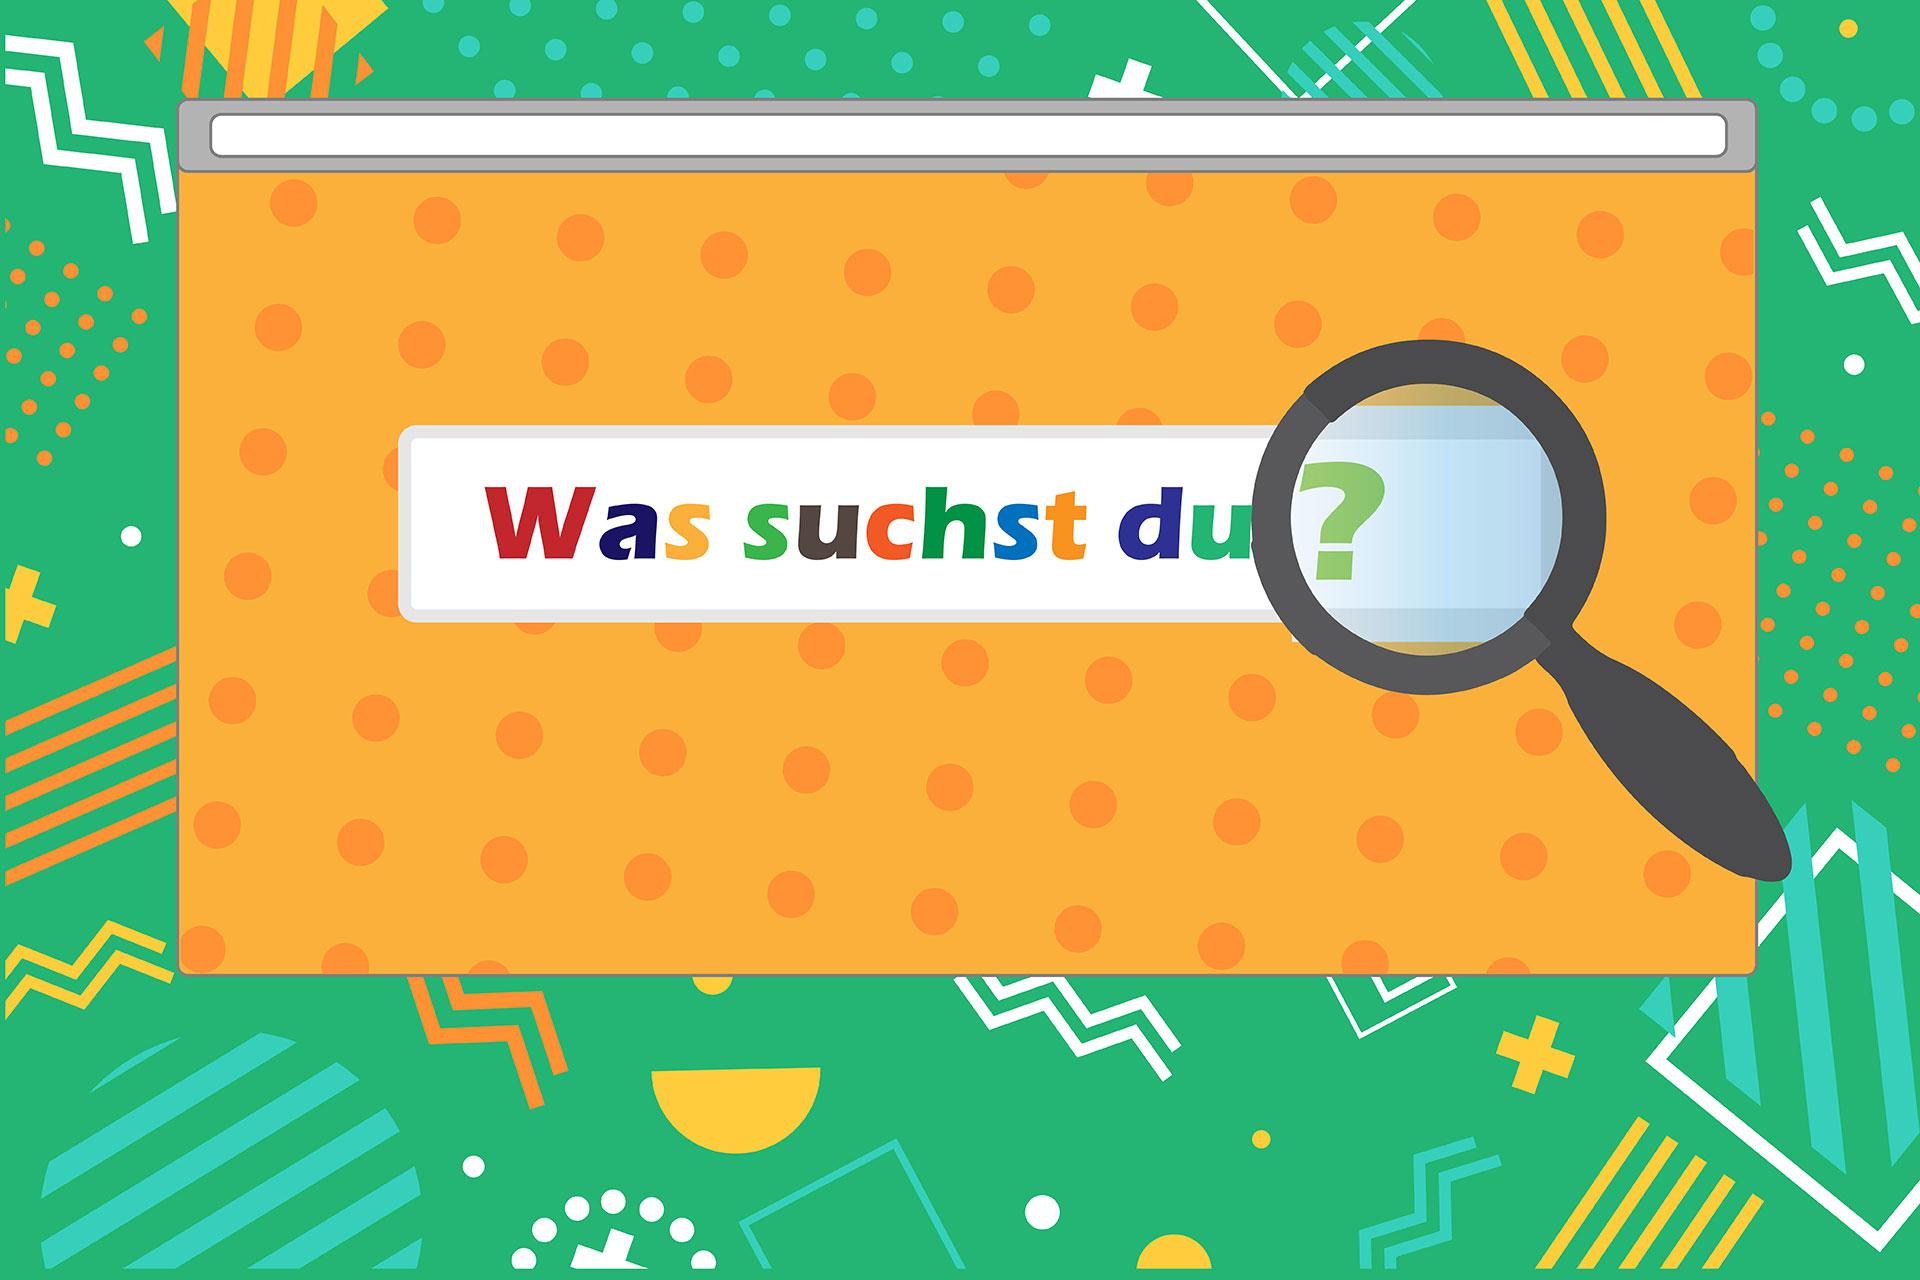 zur Beschreibung von Suchmaschinen für Kinder